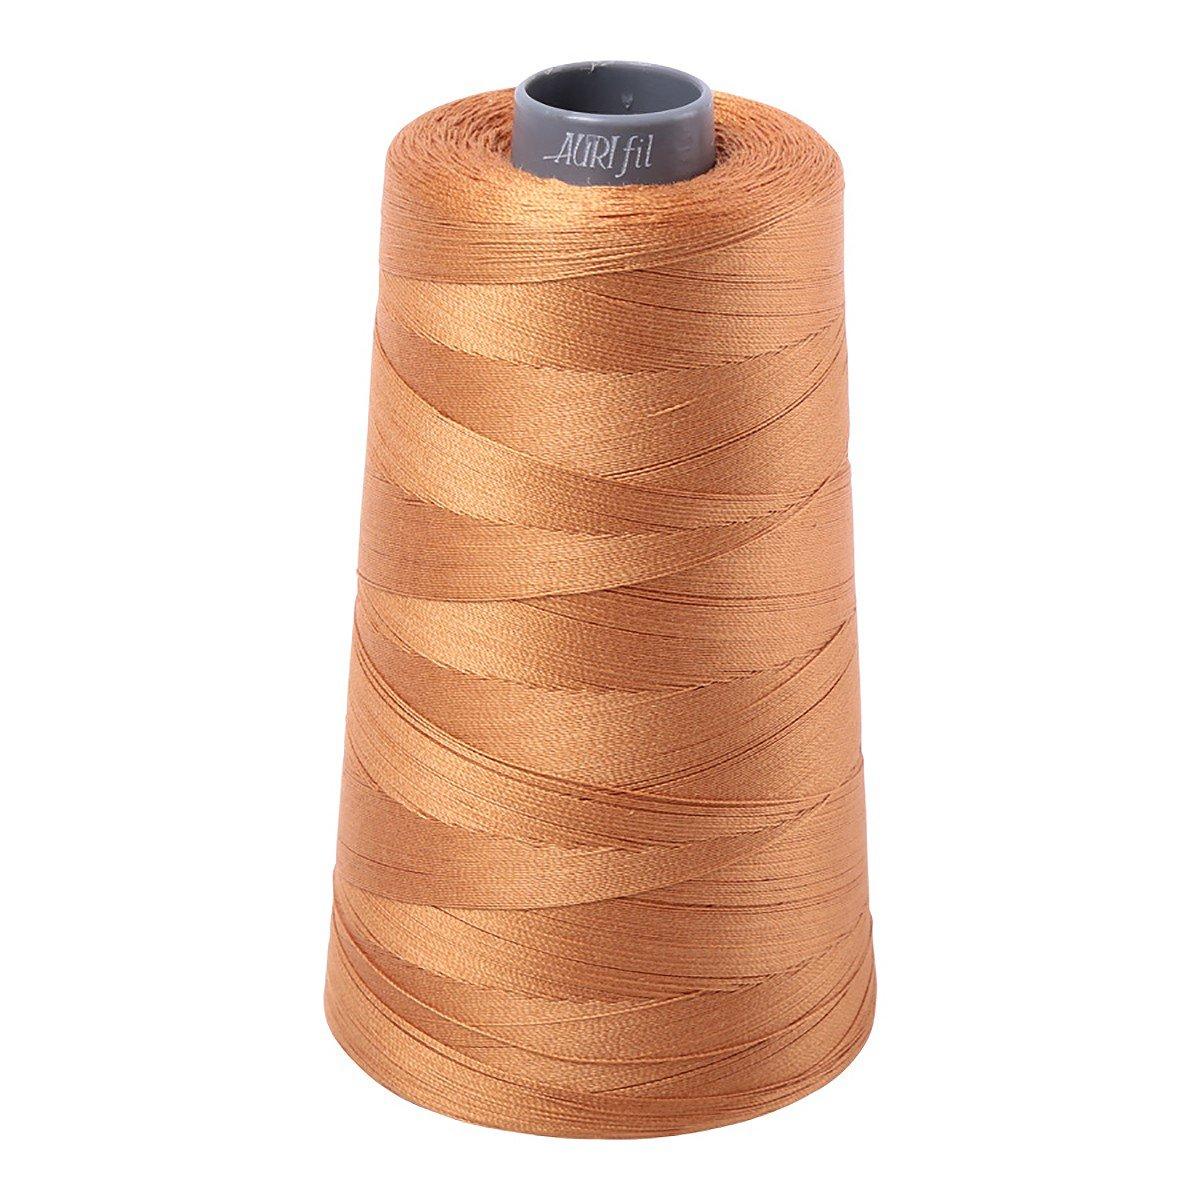 Mako (Cotton) Embroidery Thread 28wt 3609yds Golden Toast